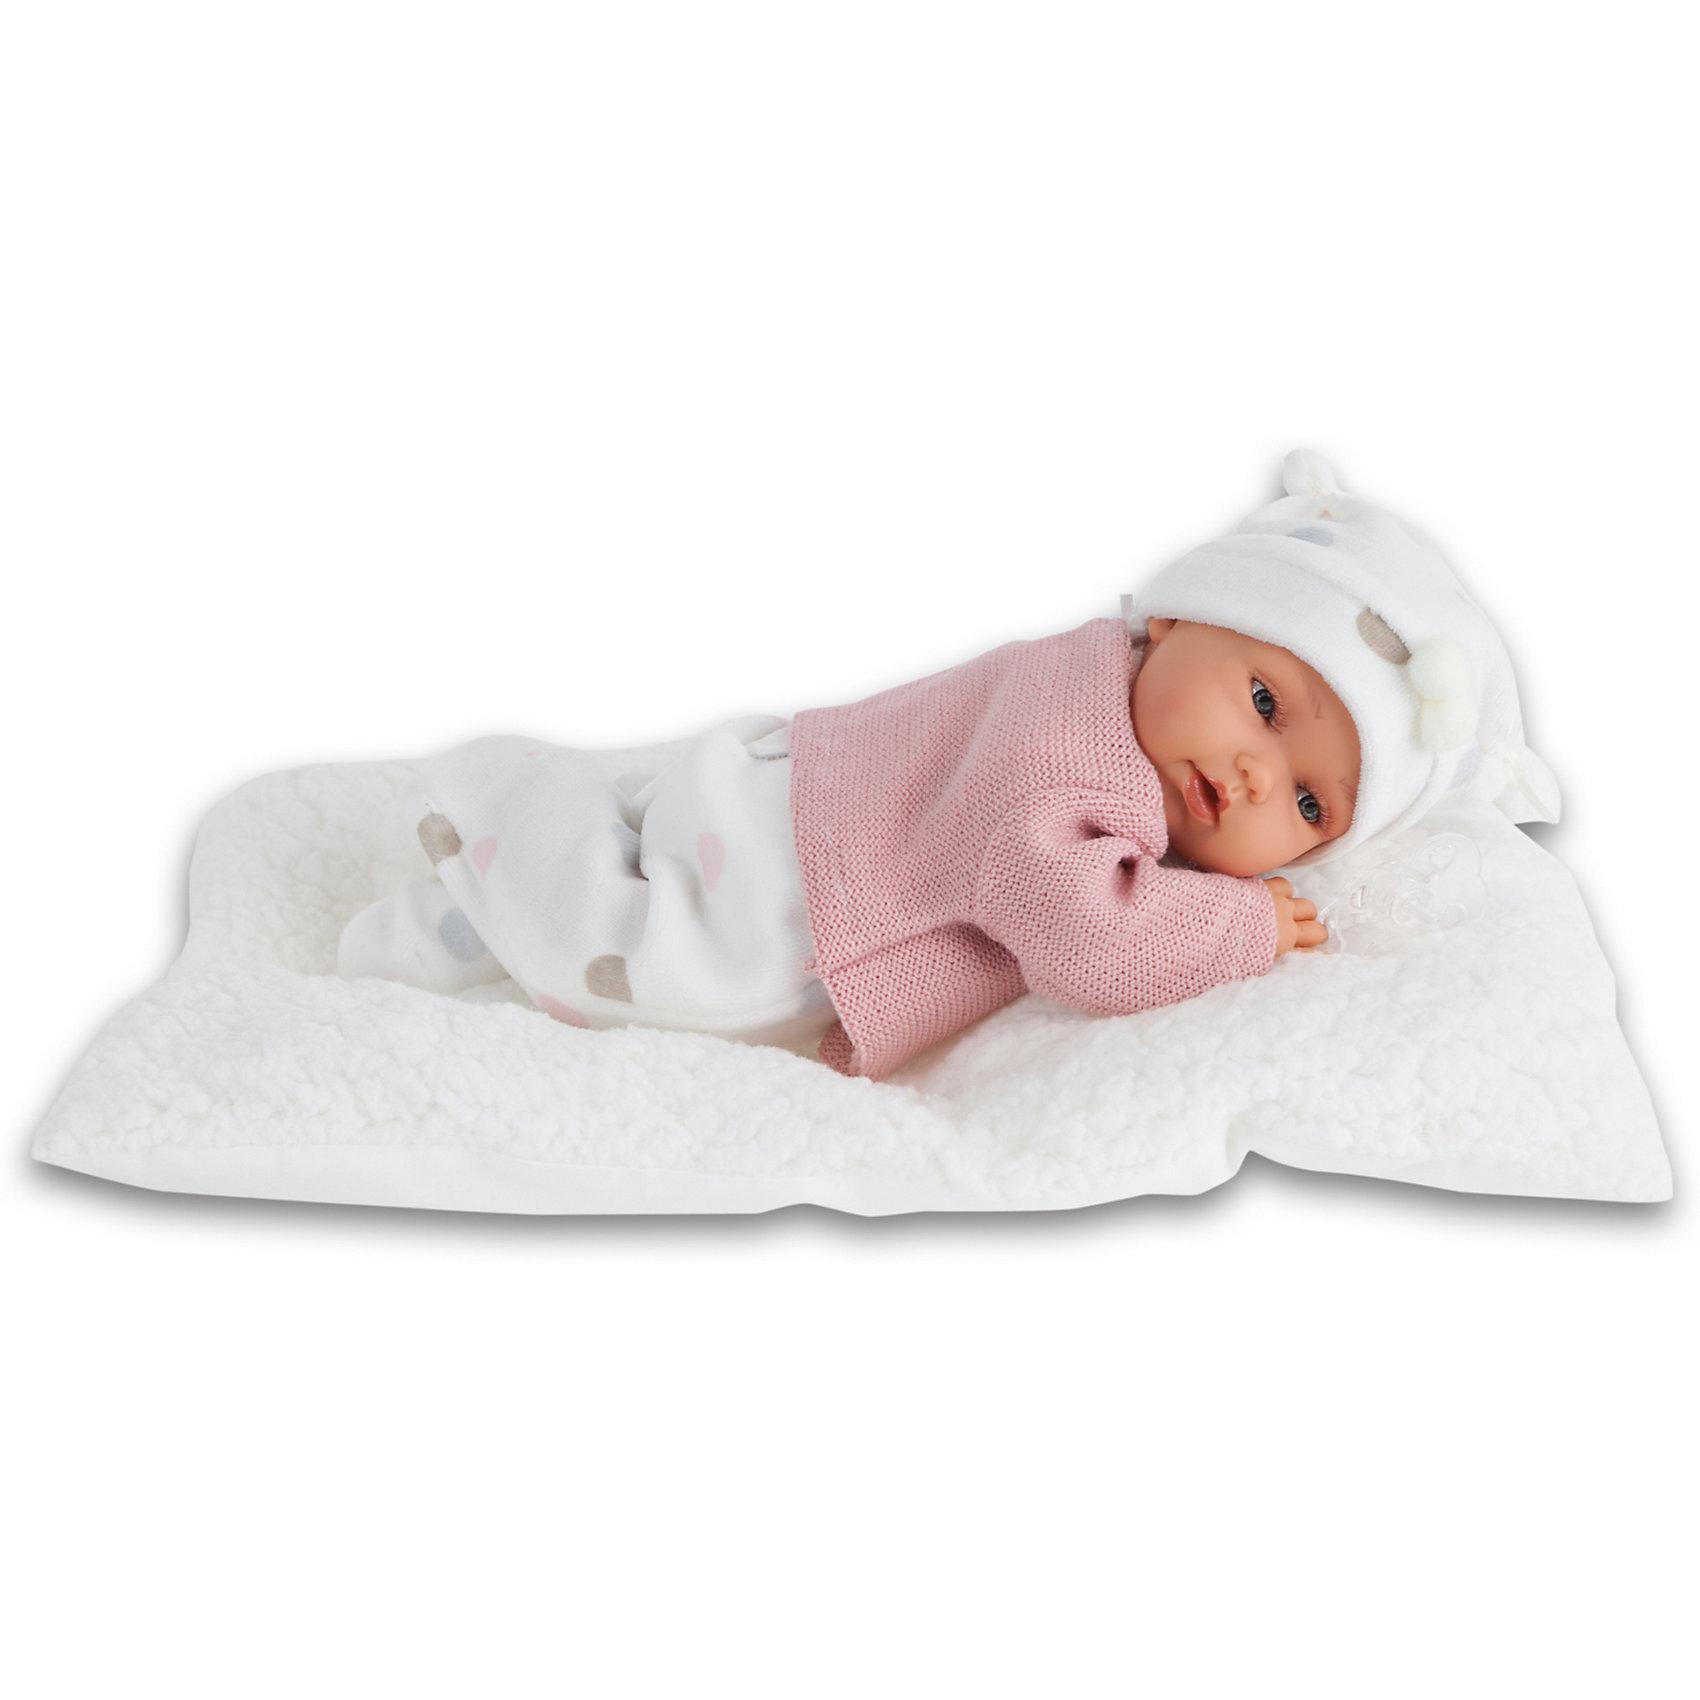 Кукла Ману в розовом, 29 см, Munecas Antonio JuanИнтерактивные куклы<br>Кукла Ману в розовом, 29 см, Munecas Antonio Juan (Мунекас Антонио Хуан) - милая малышка подарит вашей девочке много положительных эмоций.<br>Кукла Ману выглядит как настоящий младенец, а ее трогательный внешний вид вызывает только самые положительные и добрые эмоции. Эта чудесная милая малышка станет любимицей Вашей девочки и будет воспитывать в ней доброту, внимание и заботу. Личико куклы сделано с детальными прорисовками. Пухлые щечки, приоткрытые губки, выразительные глаза с пушистыми ресницами придают кукле реалистичный вид. Ману одета в розовую утепленную кофточку, мягкие ползунки в горошек и белую шапочку с помпончиками. Кукла лежит на одеяле. При нажатии на животик куклы, она весело смеется, а так же может позвать маму и папу. Тельце у нее мягко-набивное, голова, ручки и ножки сделаны из высококачественного винила. Голова, ручки и ножки подвижны. Кукла изготовлена из высококачественных и экологически чистых материалов, поэтому безопасна для детей любого возраста, соответствует всем нормам и требованиям к качеству детских товаров. Образы малышей Мунекас разработаны известными европейскими дизайнерами. Они натуралистичны, анатомически точны. Кукла упакована в красивую подарочную коробку.<br><br>Дополнительная информация:<br><br>- В комплекте: кукла, одеяло<br>- Интерактивные функции куклы: нажмите на животик 1 раз кукла засмеется, 2ой раз - кукла скажет мама, 3ий раз - скажет папа<br>- Глаза куклы не закрываются<br>- Высоты куклы: 29 см.<br>- Материал: высококачественный винил, текстиль<br>- Батарейки: 3 типа АА (входят в комплект)<br>- Упаковка: подарочная коробка<br>- Размер упаковки: 35х20х12,5 см.<br>- Вес: 800 гр.<br><br>Куклу Ману в розовом, 29 см, Munecas Antonio Juan (Мунекас Антонио Хуан) можно купить в нашем интернет-магазине.<br><br>Ширина мм: 350<br>Глубина мм: 200<br>Высота мм: 125<br>Вес г: 800<br>Возраст от месяцев: 36<br>Возраст до месяцев: 84<br>Пол: Женский<br>Возраст: Де